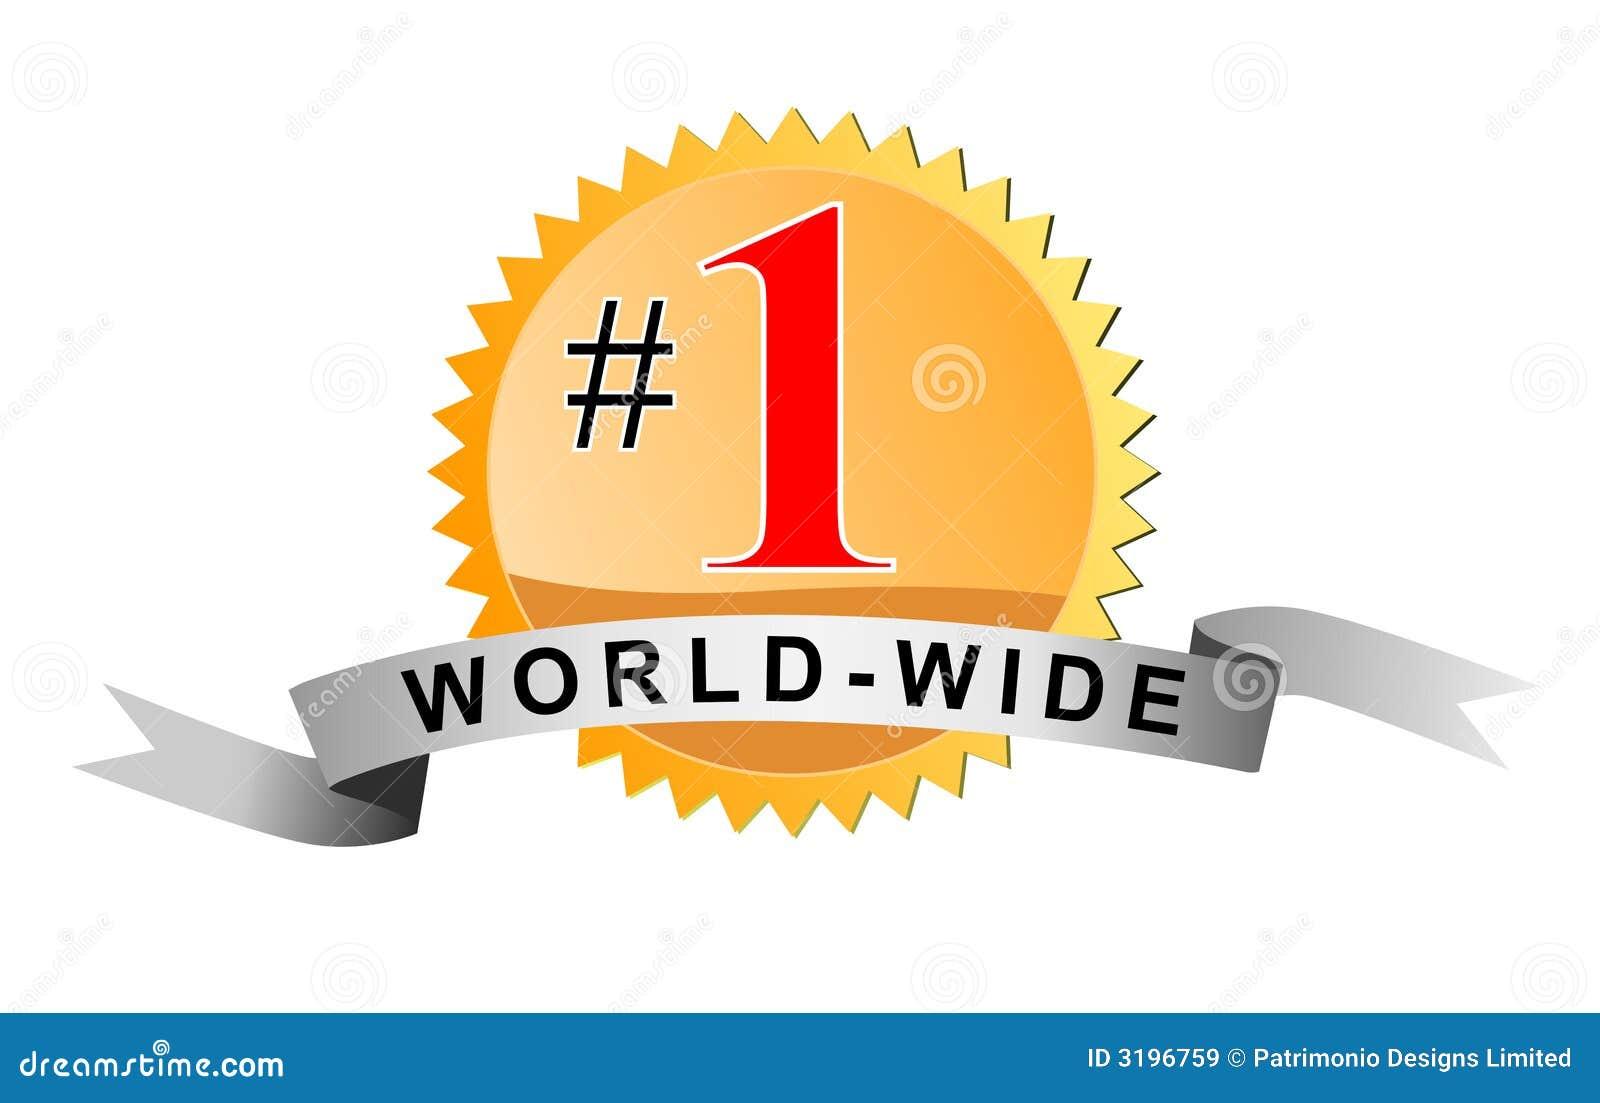 Numeri uno in tutto il mondo